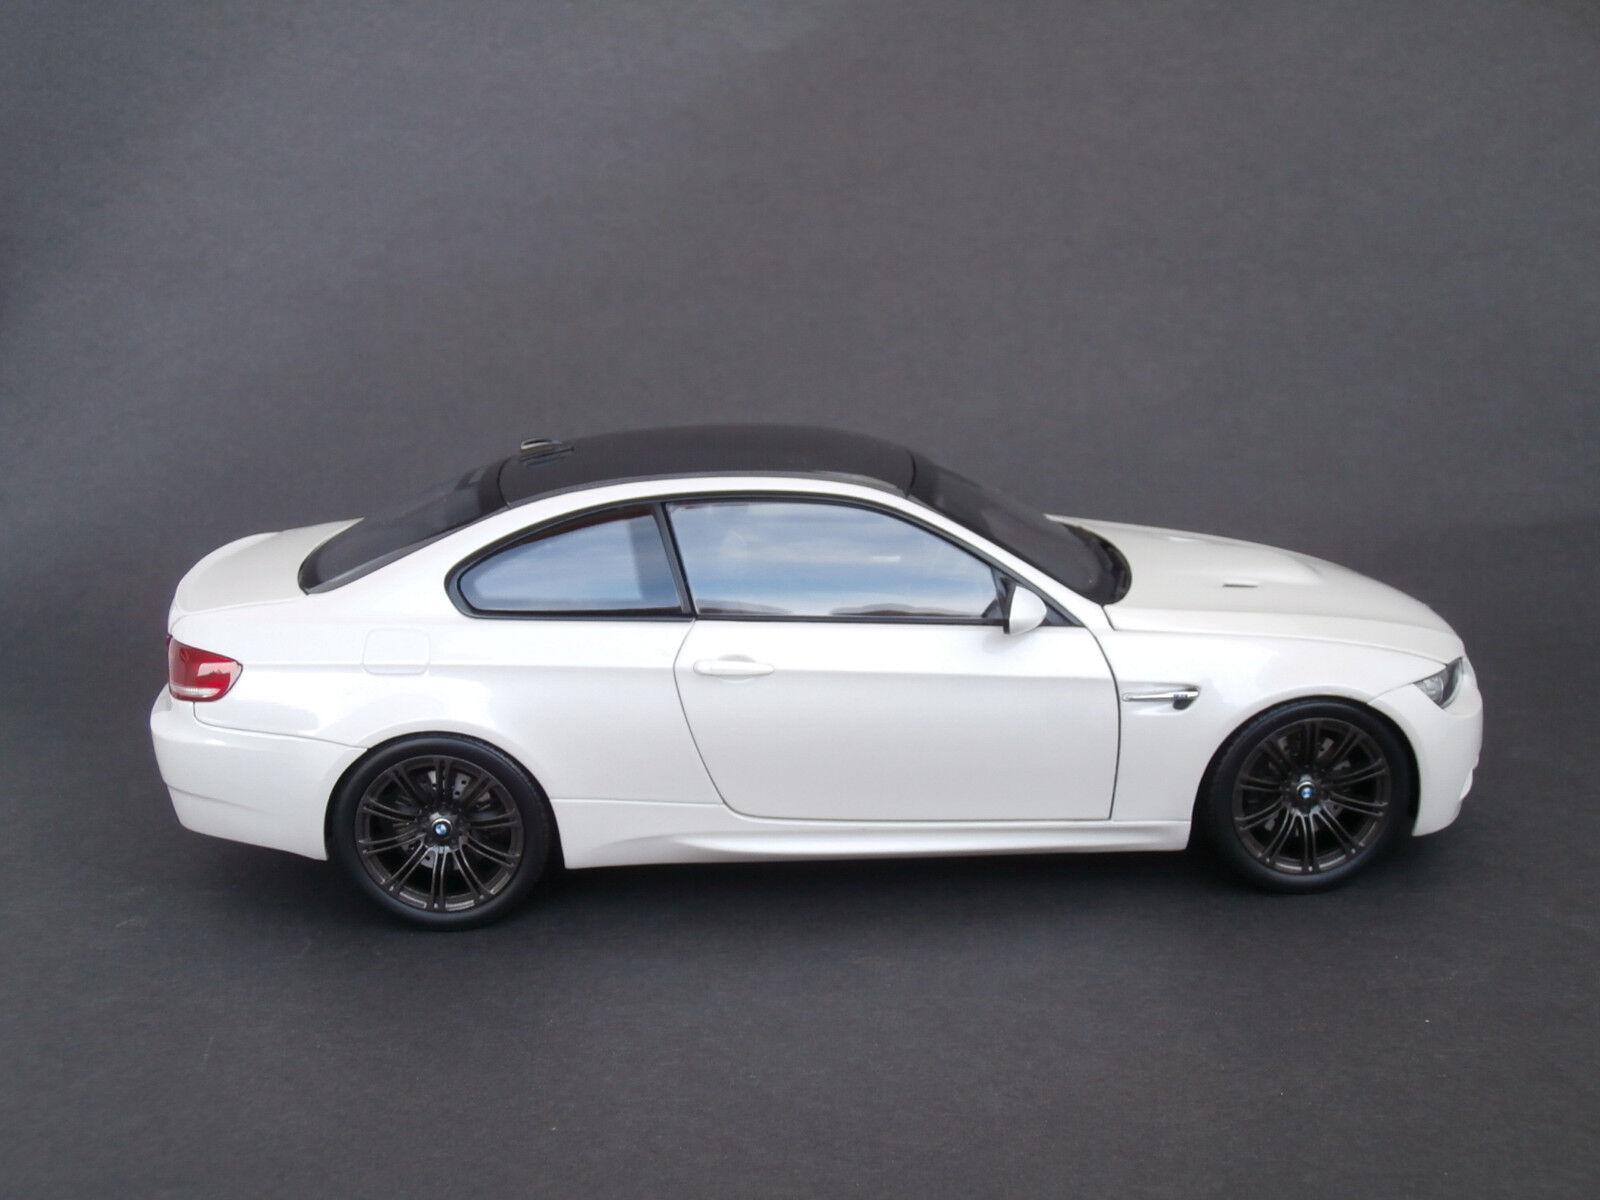 ci sono più marche di prodotti di alta qualità 1 18 Kyosho BMW M3 Coupe Pearl bianca bianca bianca - primero edizione - (No.08736W)  migliore vendita